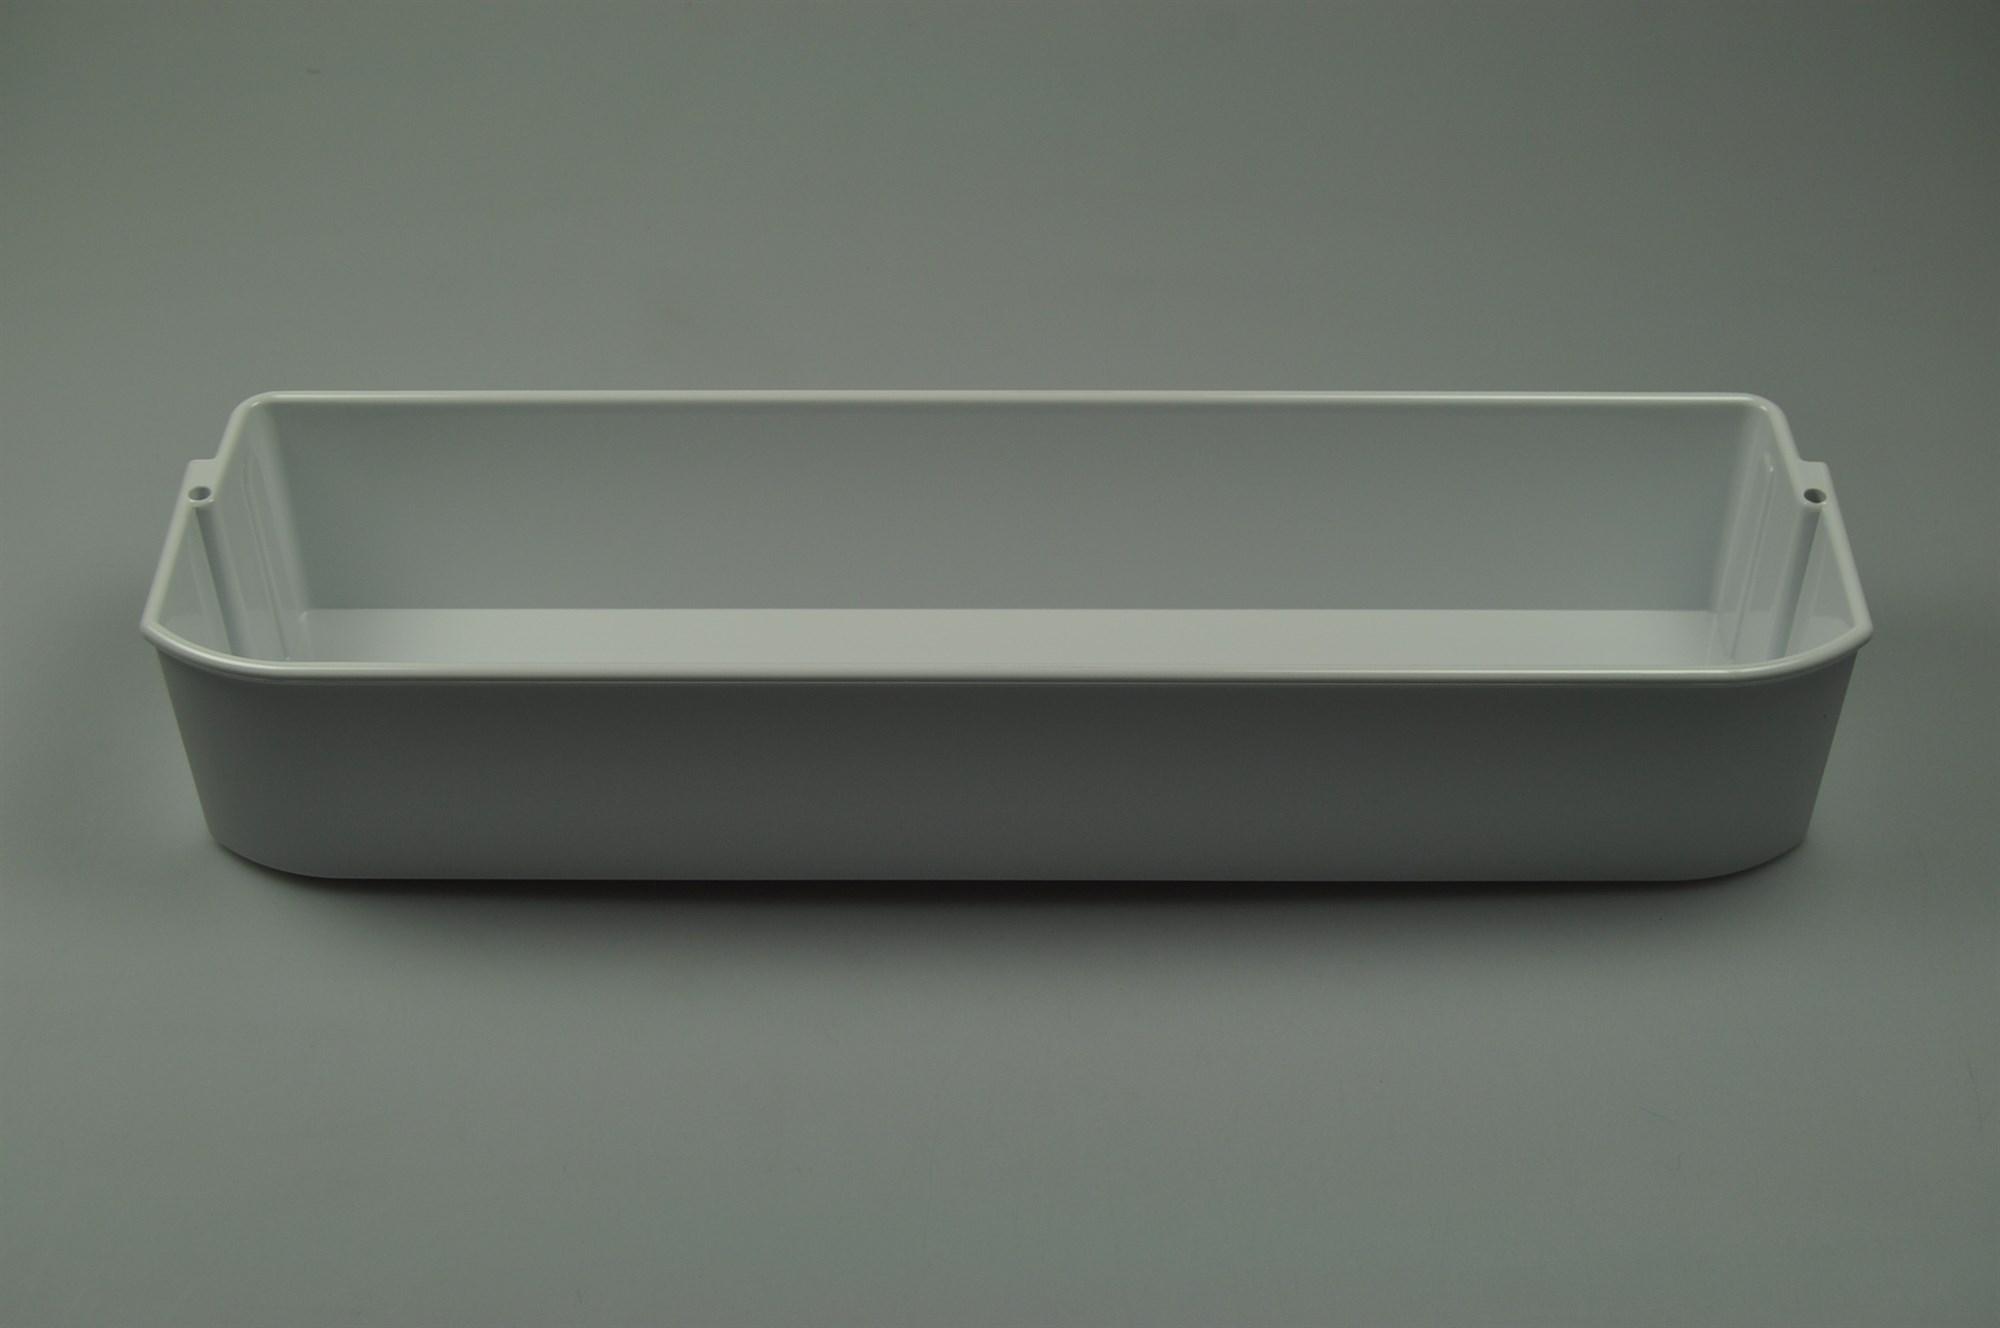 Door Shelf Bosch Fridge Amp Freezer 78 Mm X 428 Mm X 116